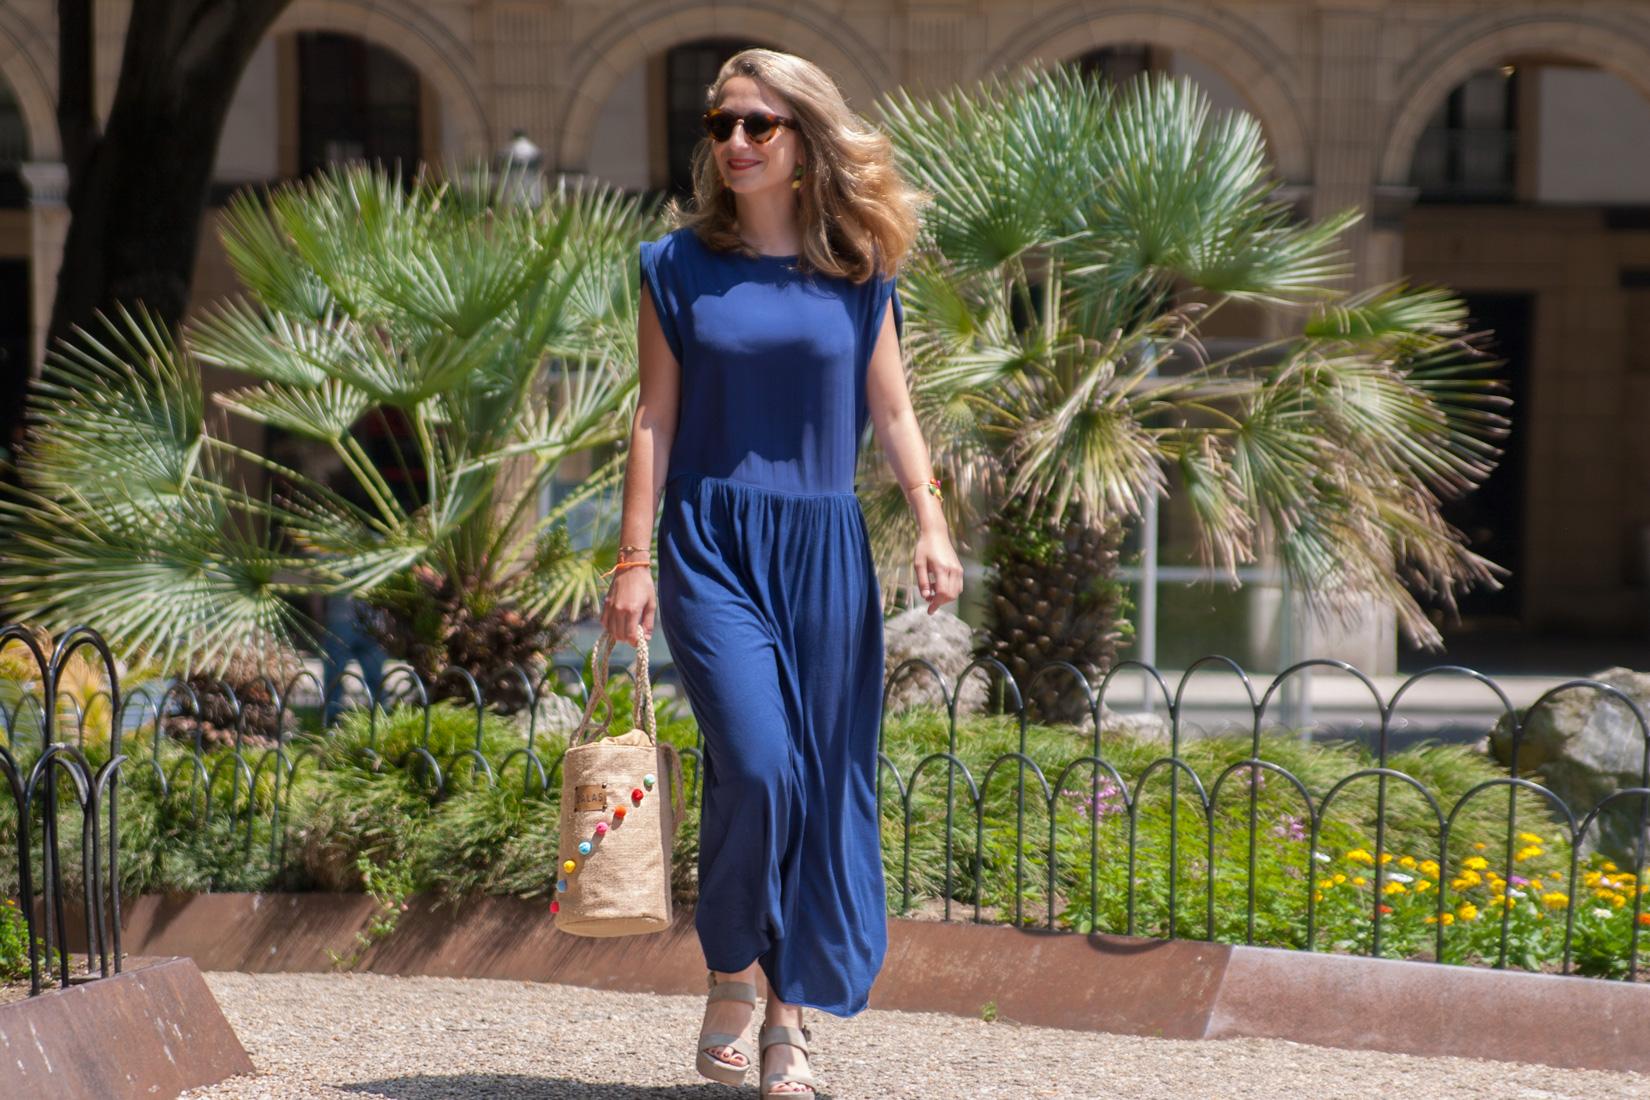 Cristina Limousin posando en la Plaza Guipúzcoa.